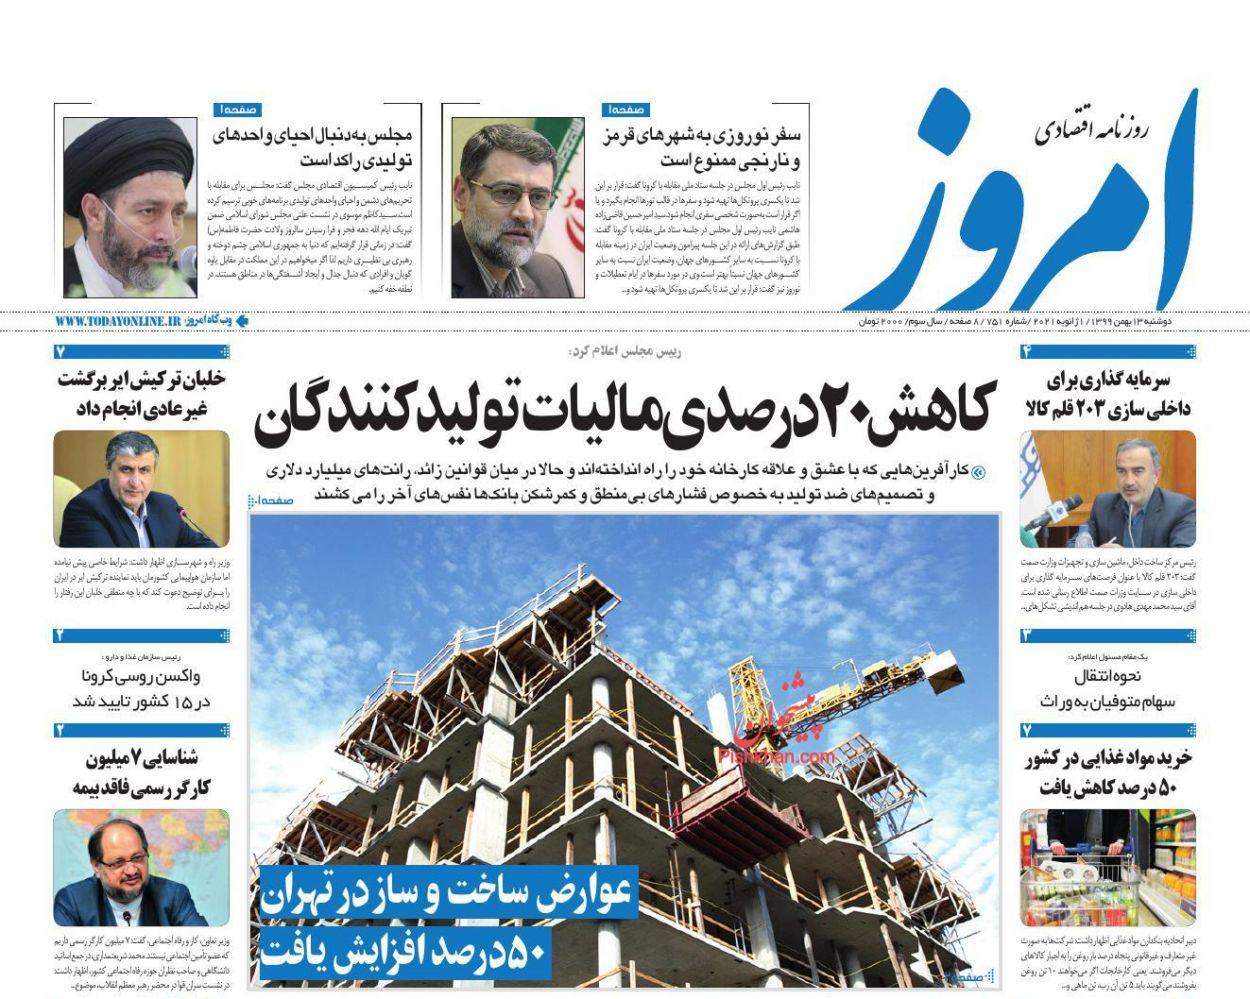 عناوین اخبار روزنامه امروز در روز دوشنبه ۱۳ بهمن